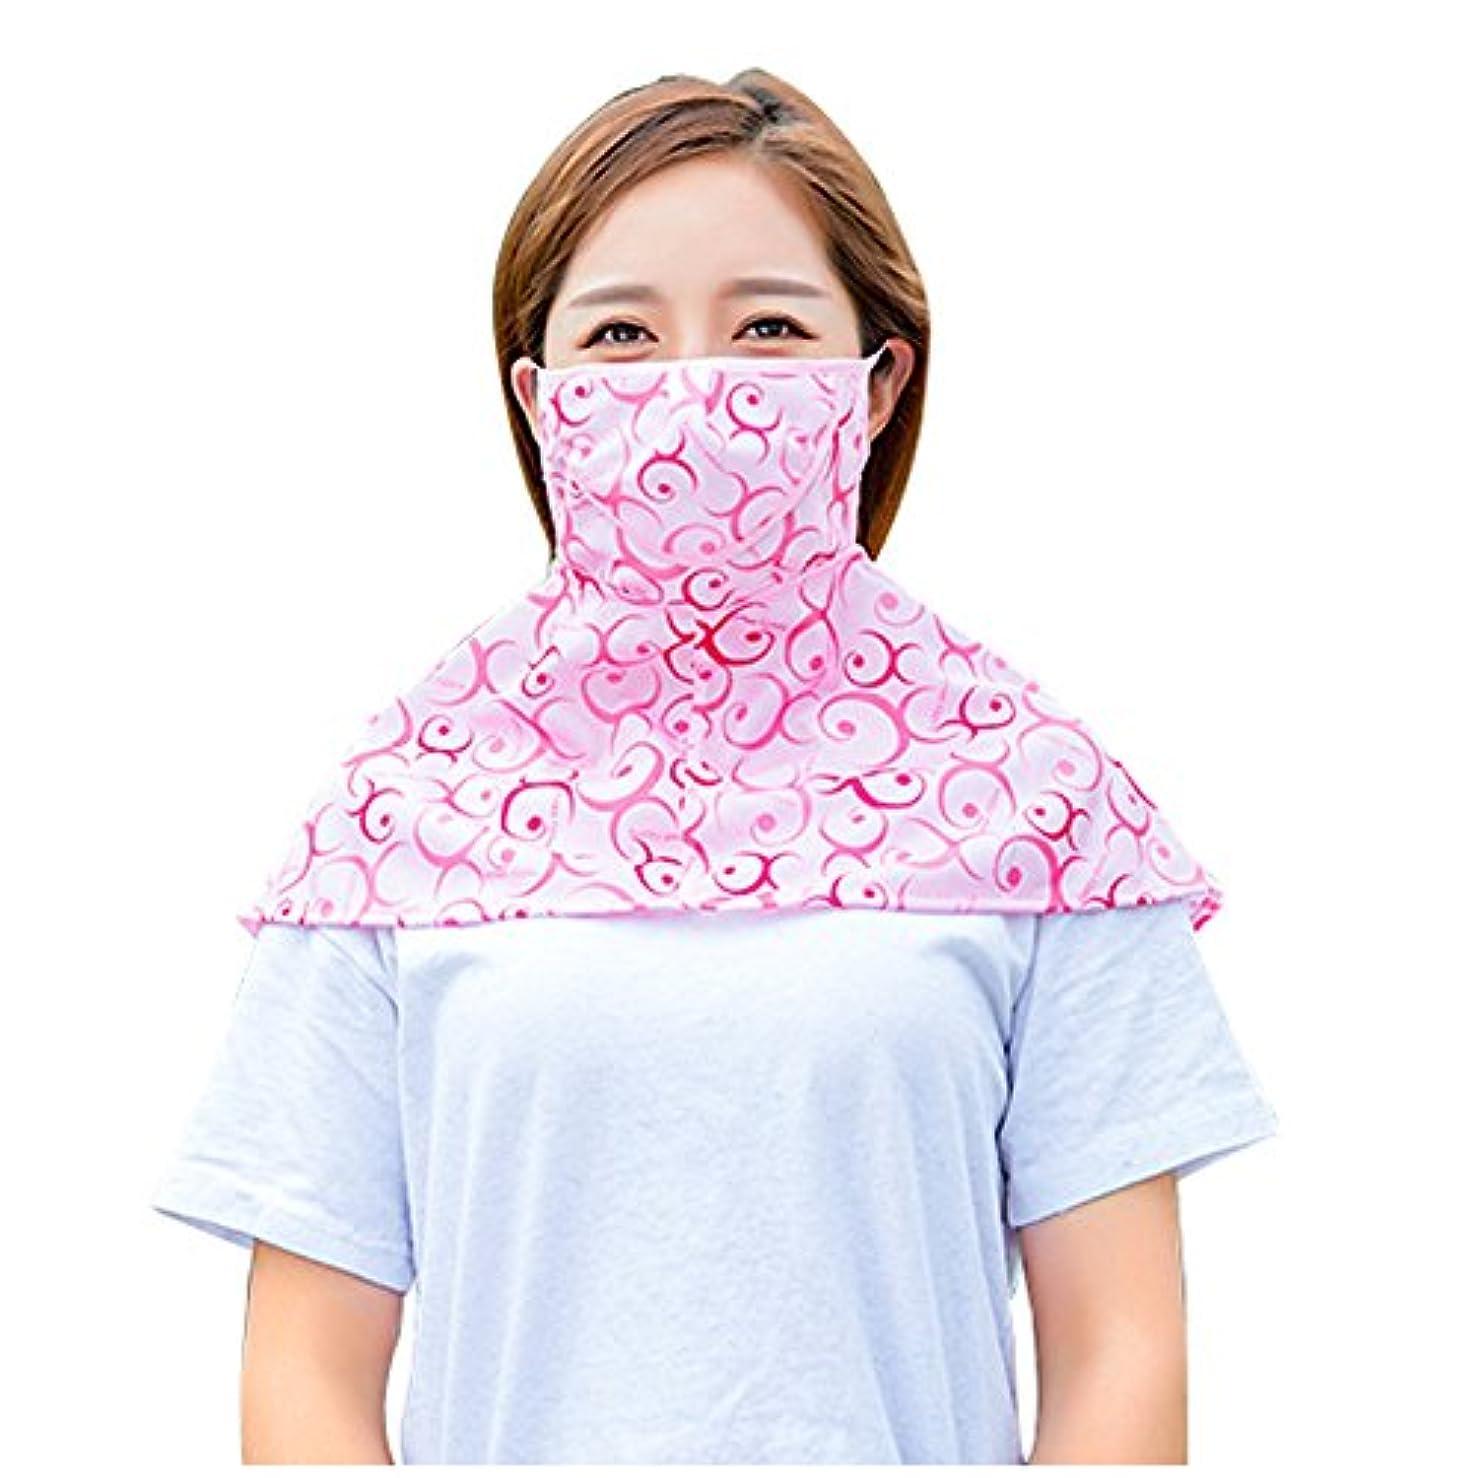 ずっと実り多い診断するPureNicot 日焼け防止 フェイスマスク UVカット 紫外線対策 農作業 ガーデニング レディース 首もともガード 3D UVマスク (ピンク 模様)